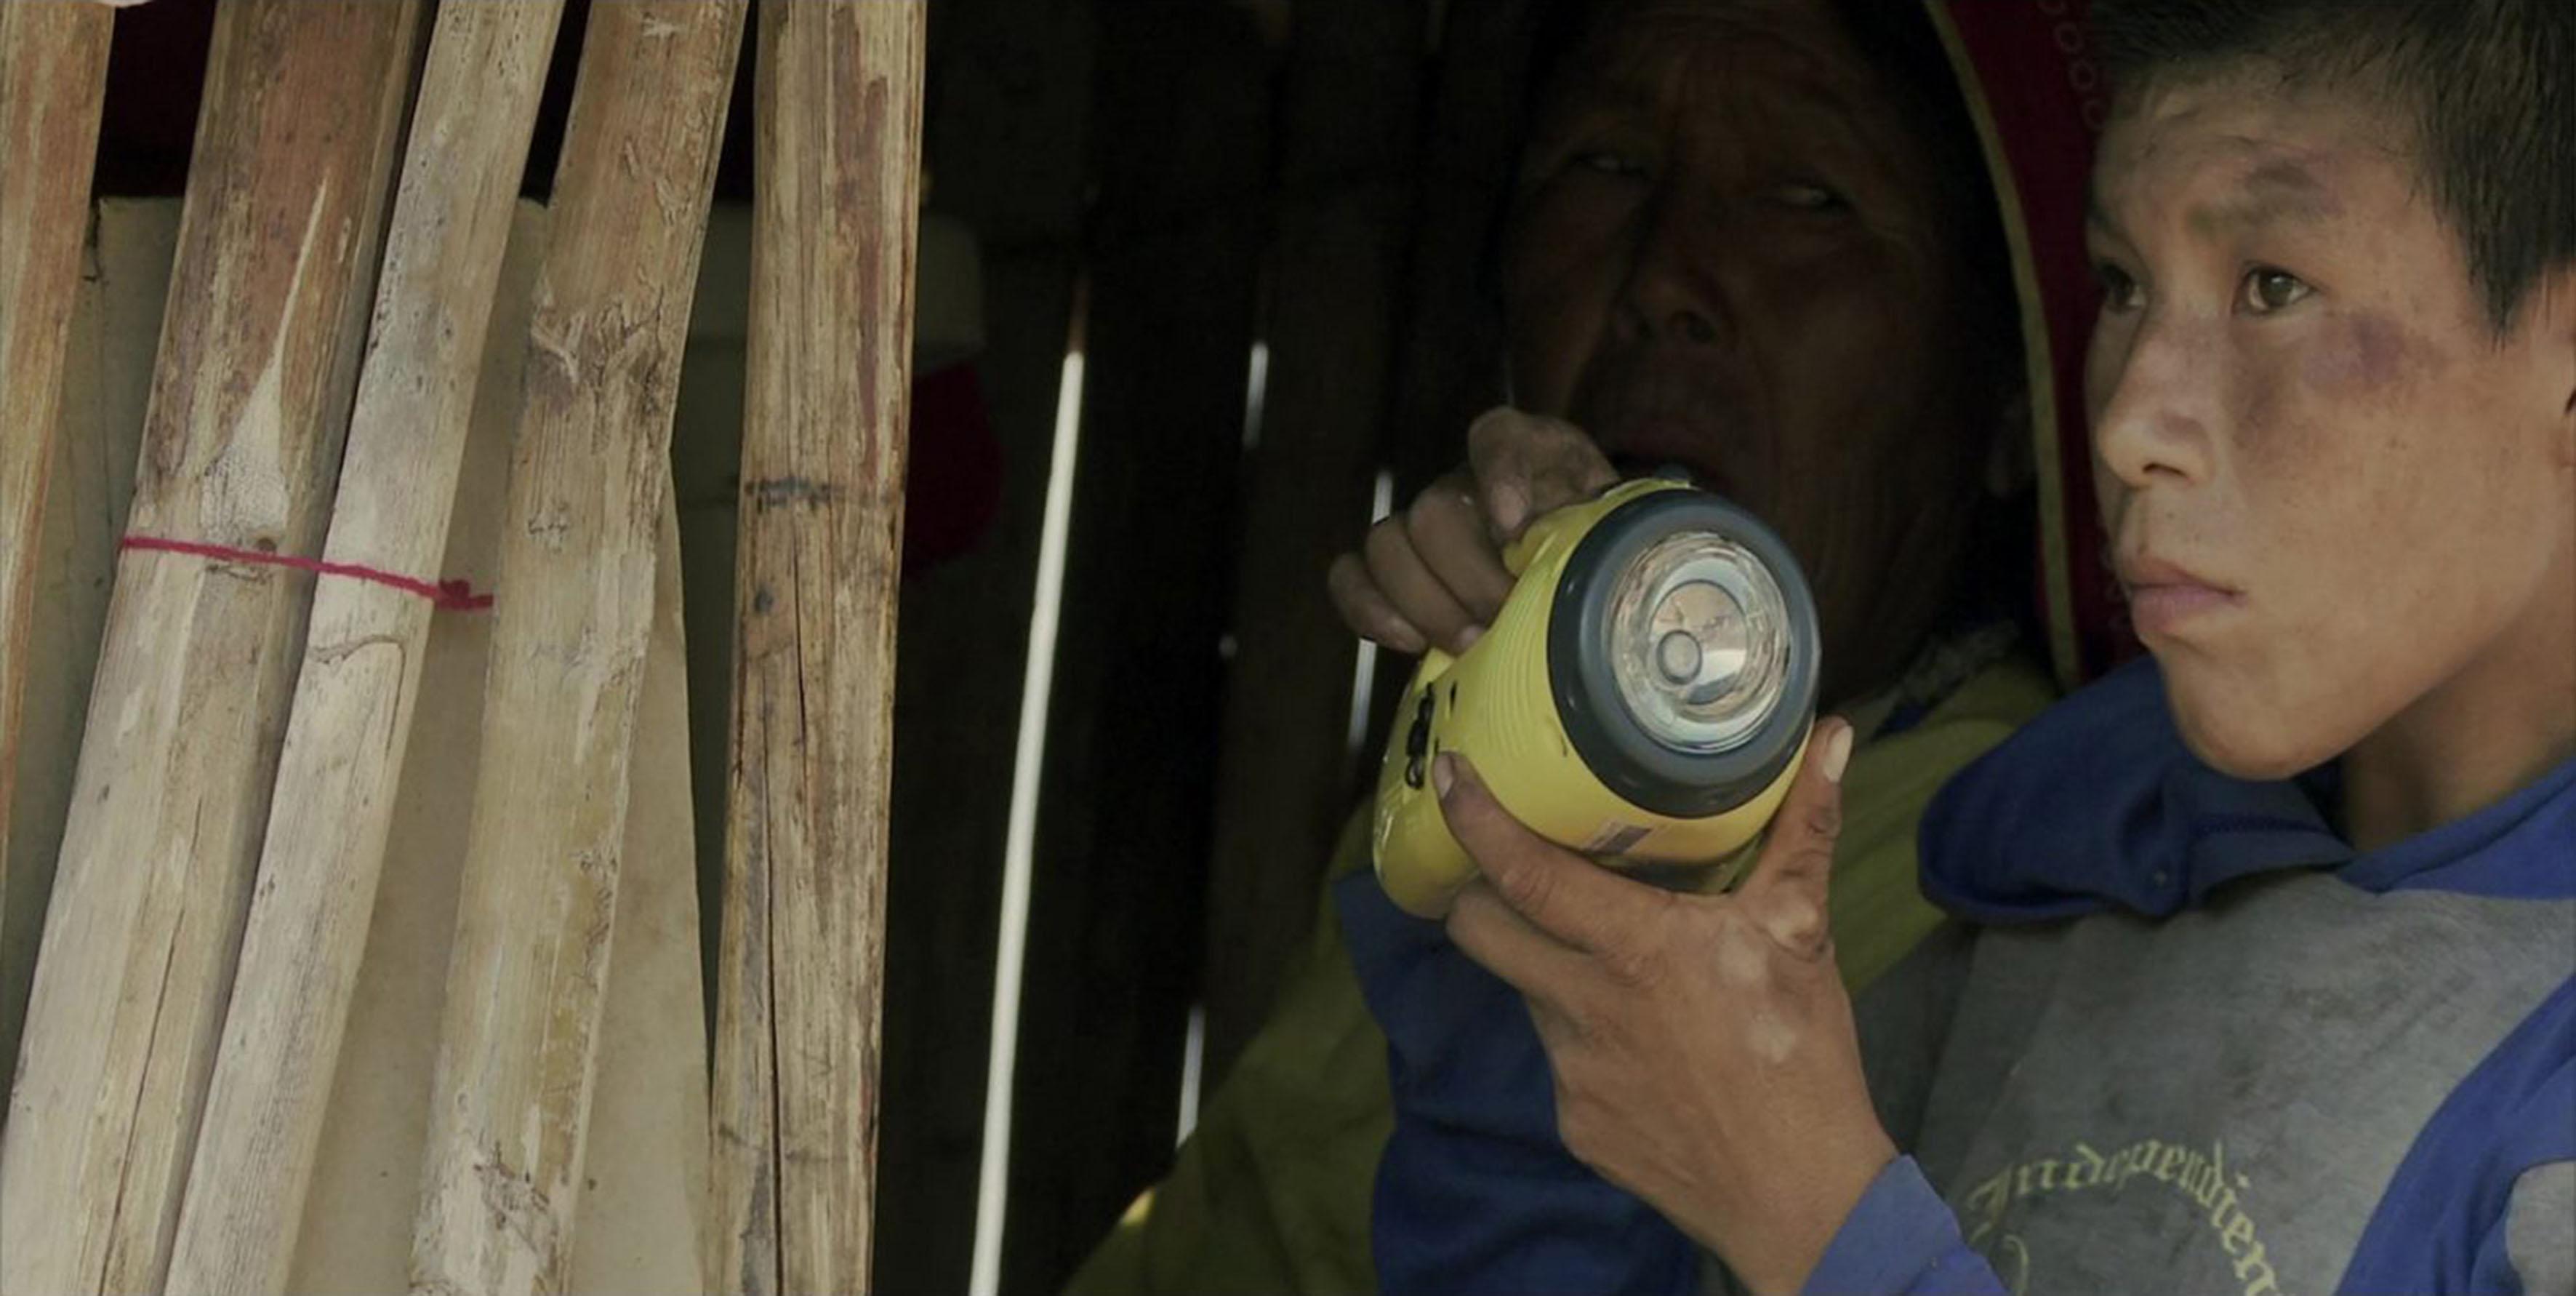 Abuela y niño Wixárica, cargando una lámpara, mientras se encuentra dentro de una pequeña choza hecha de pequeños troncos de árbol de madera y cartón.